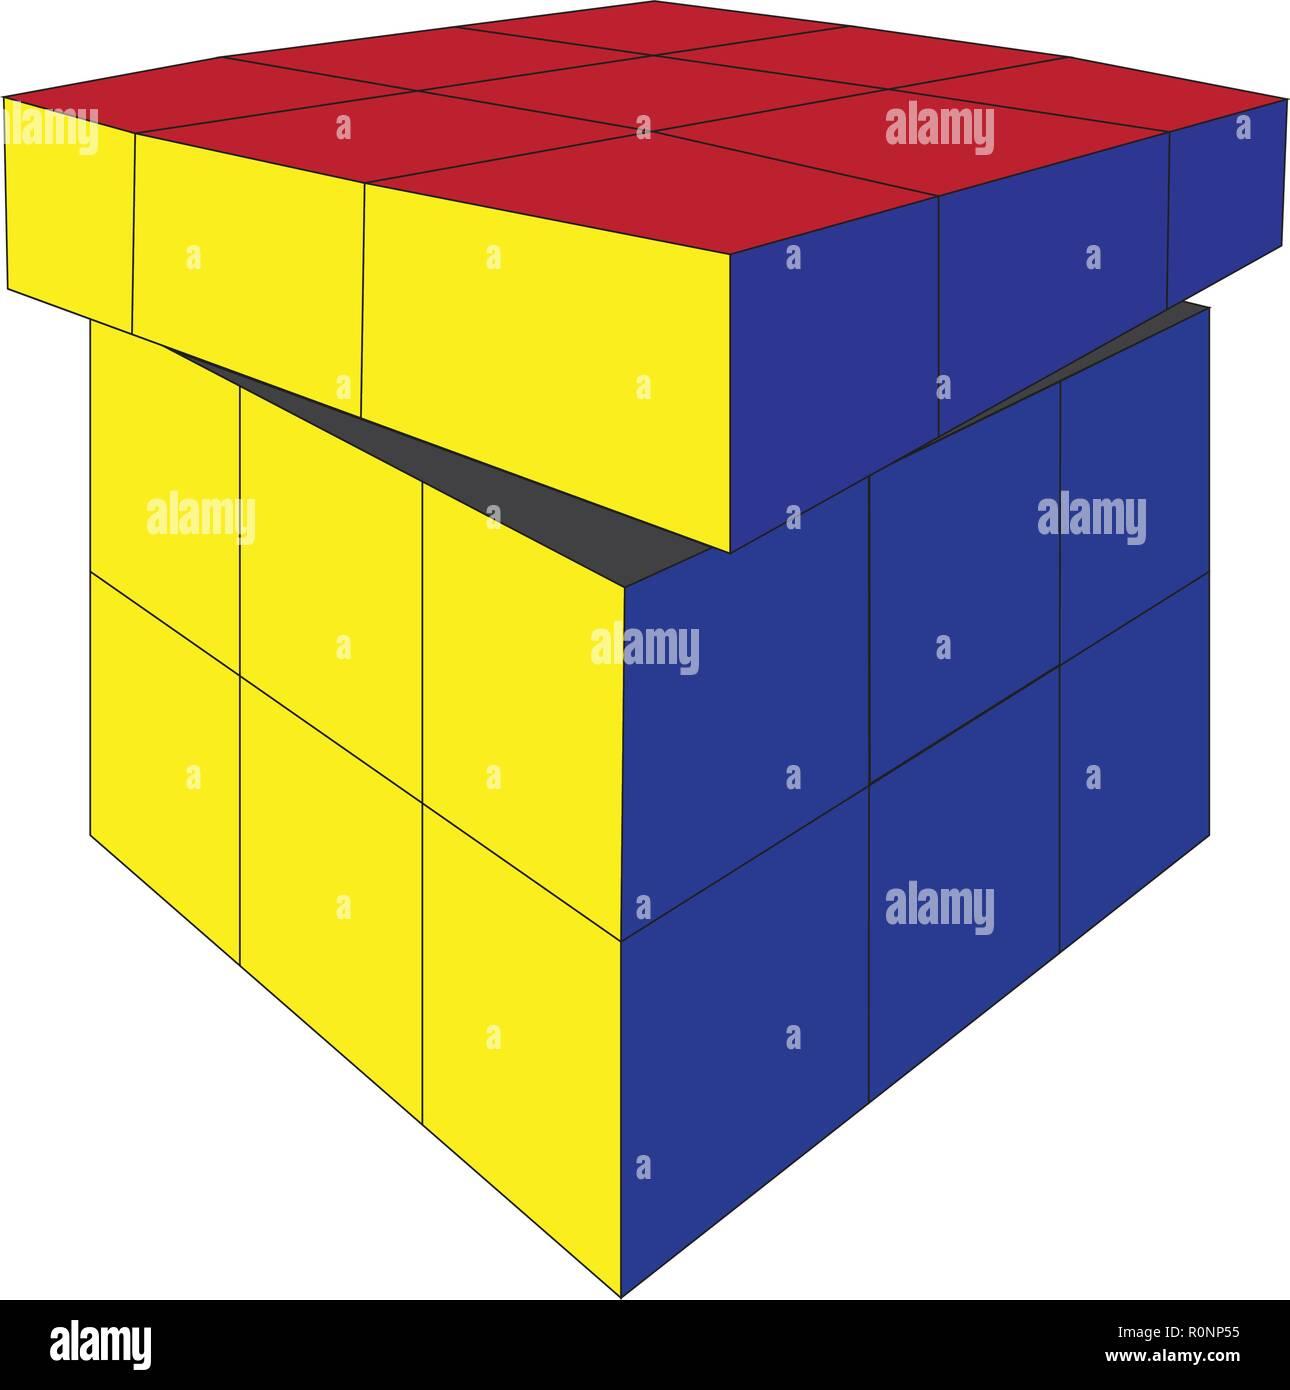 Vecteur de jouet cube Rubik 4X4 square isolé sur fond blanc Illustration de Vecteur